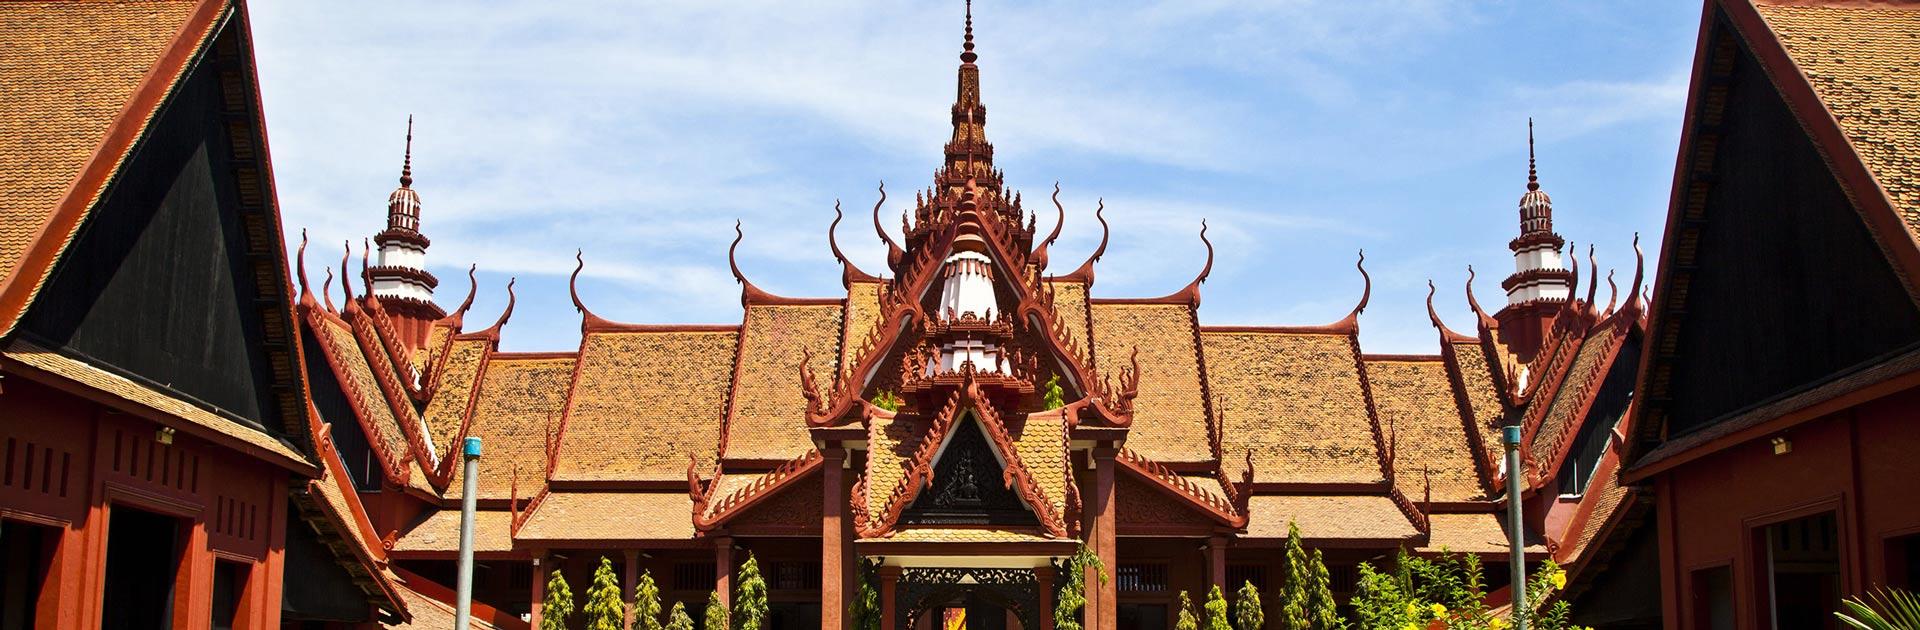 KH Explore el Sur de Camboya 12 días 2